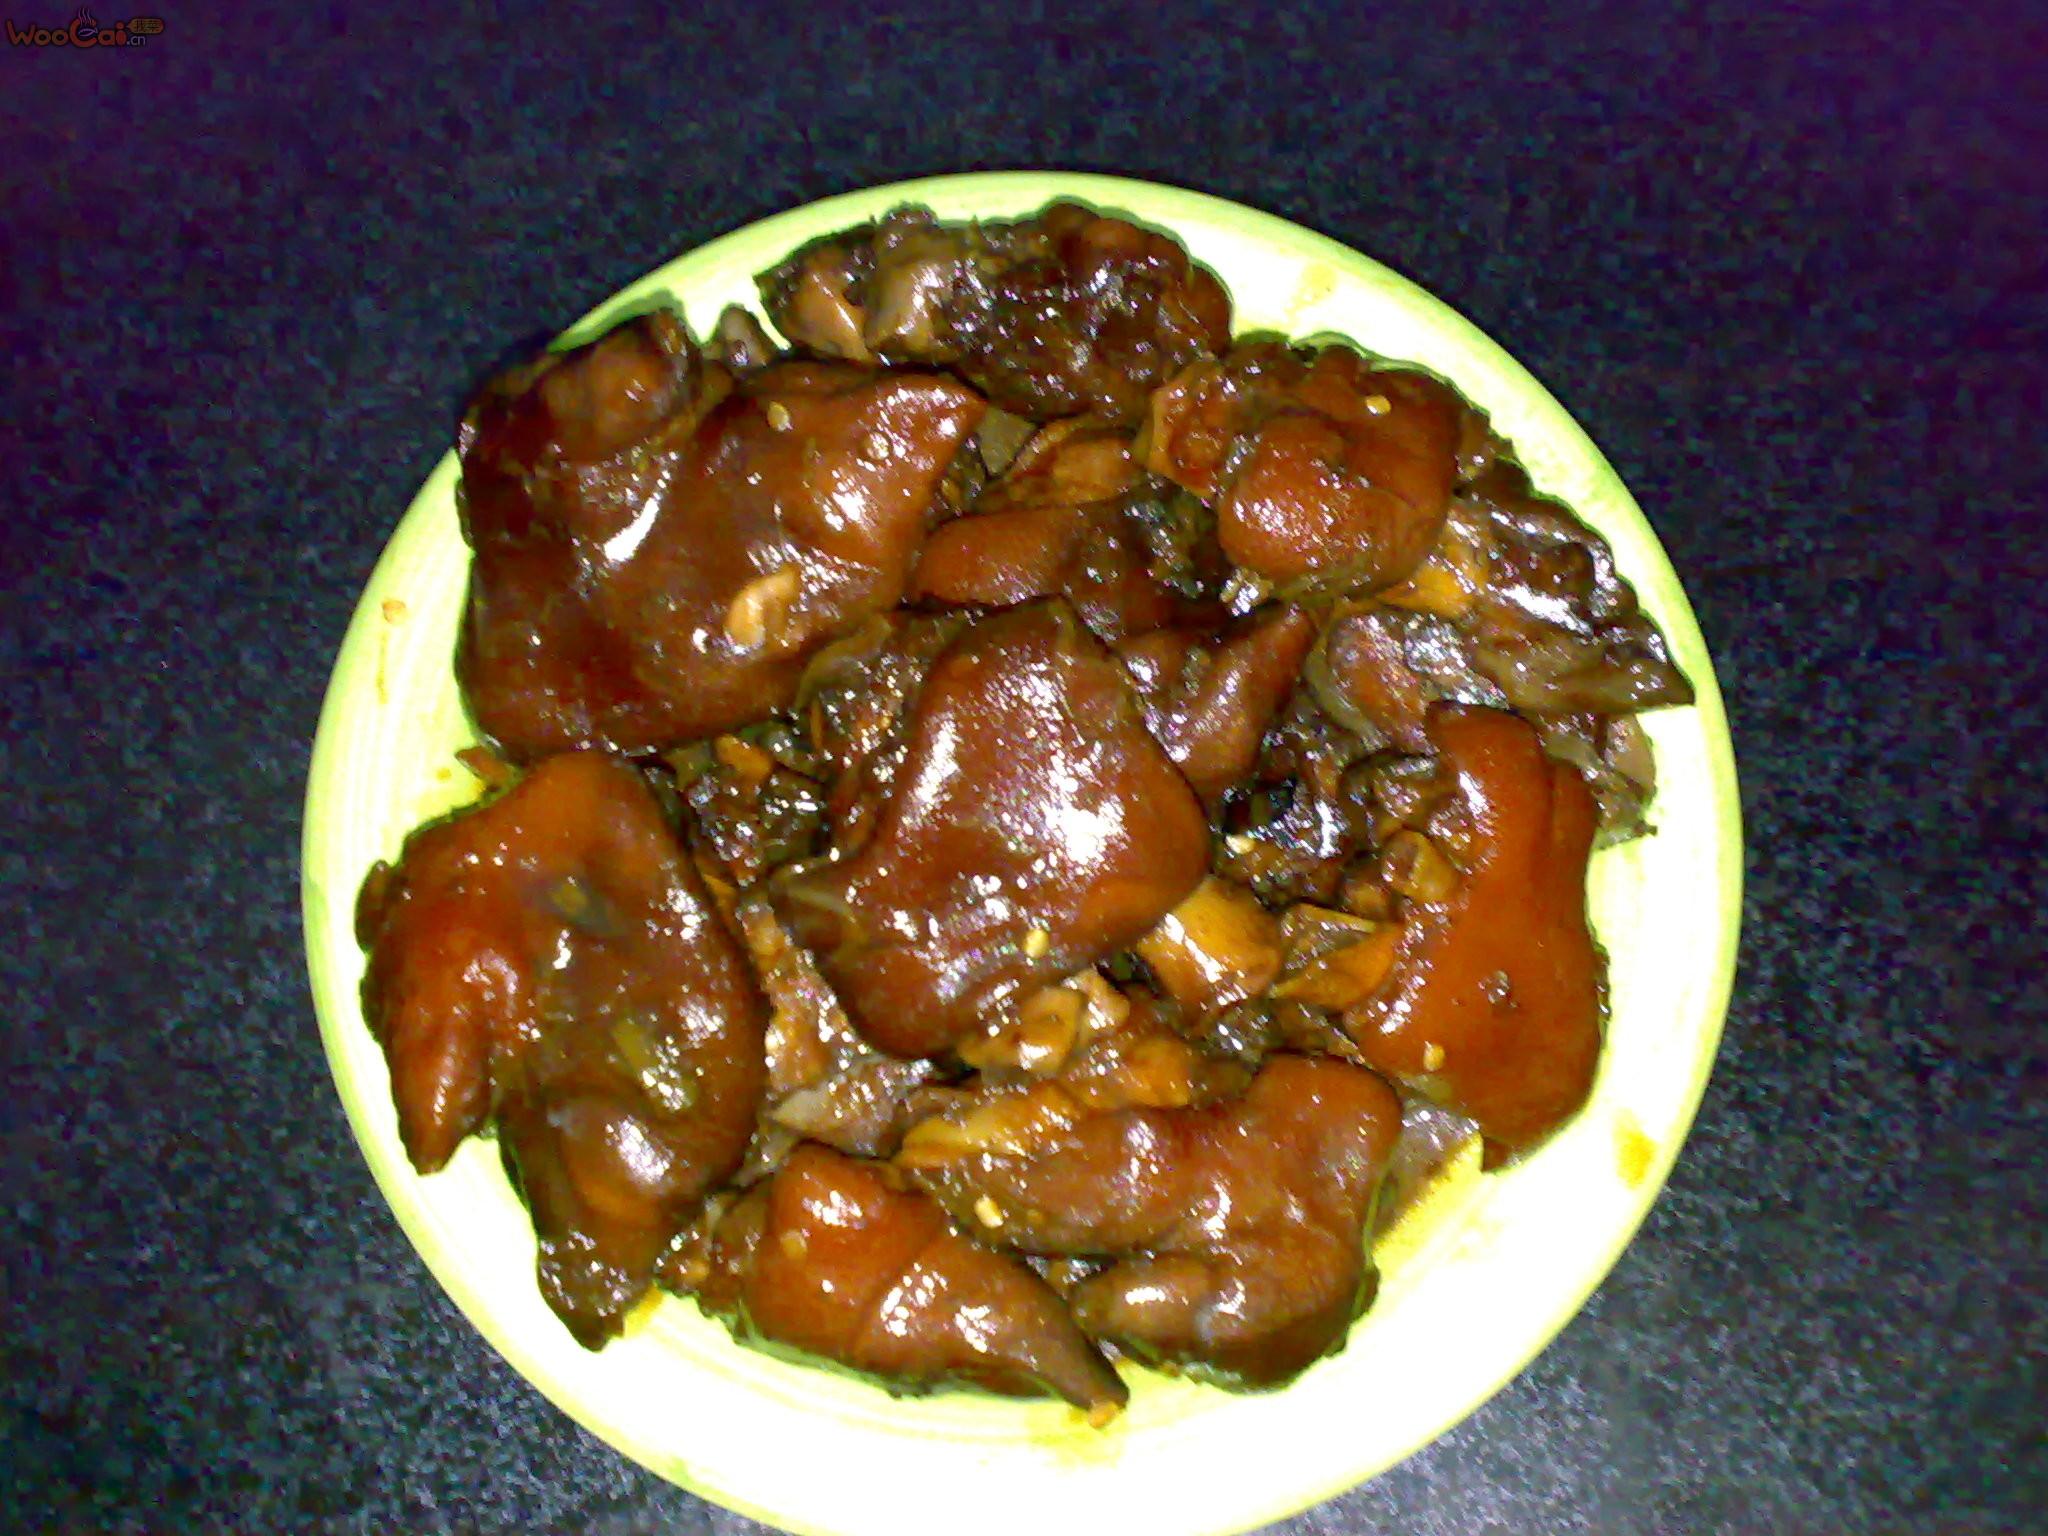 红烧猪手的做法_【图解】红烧猪手怎么做如何做好吃